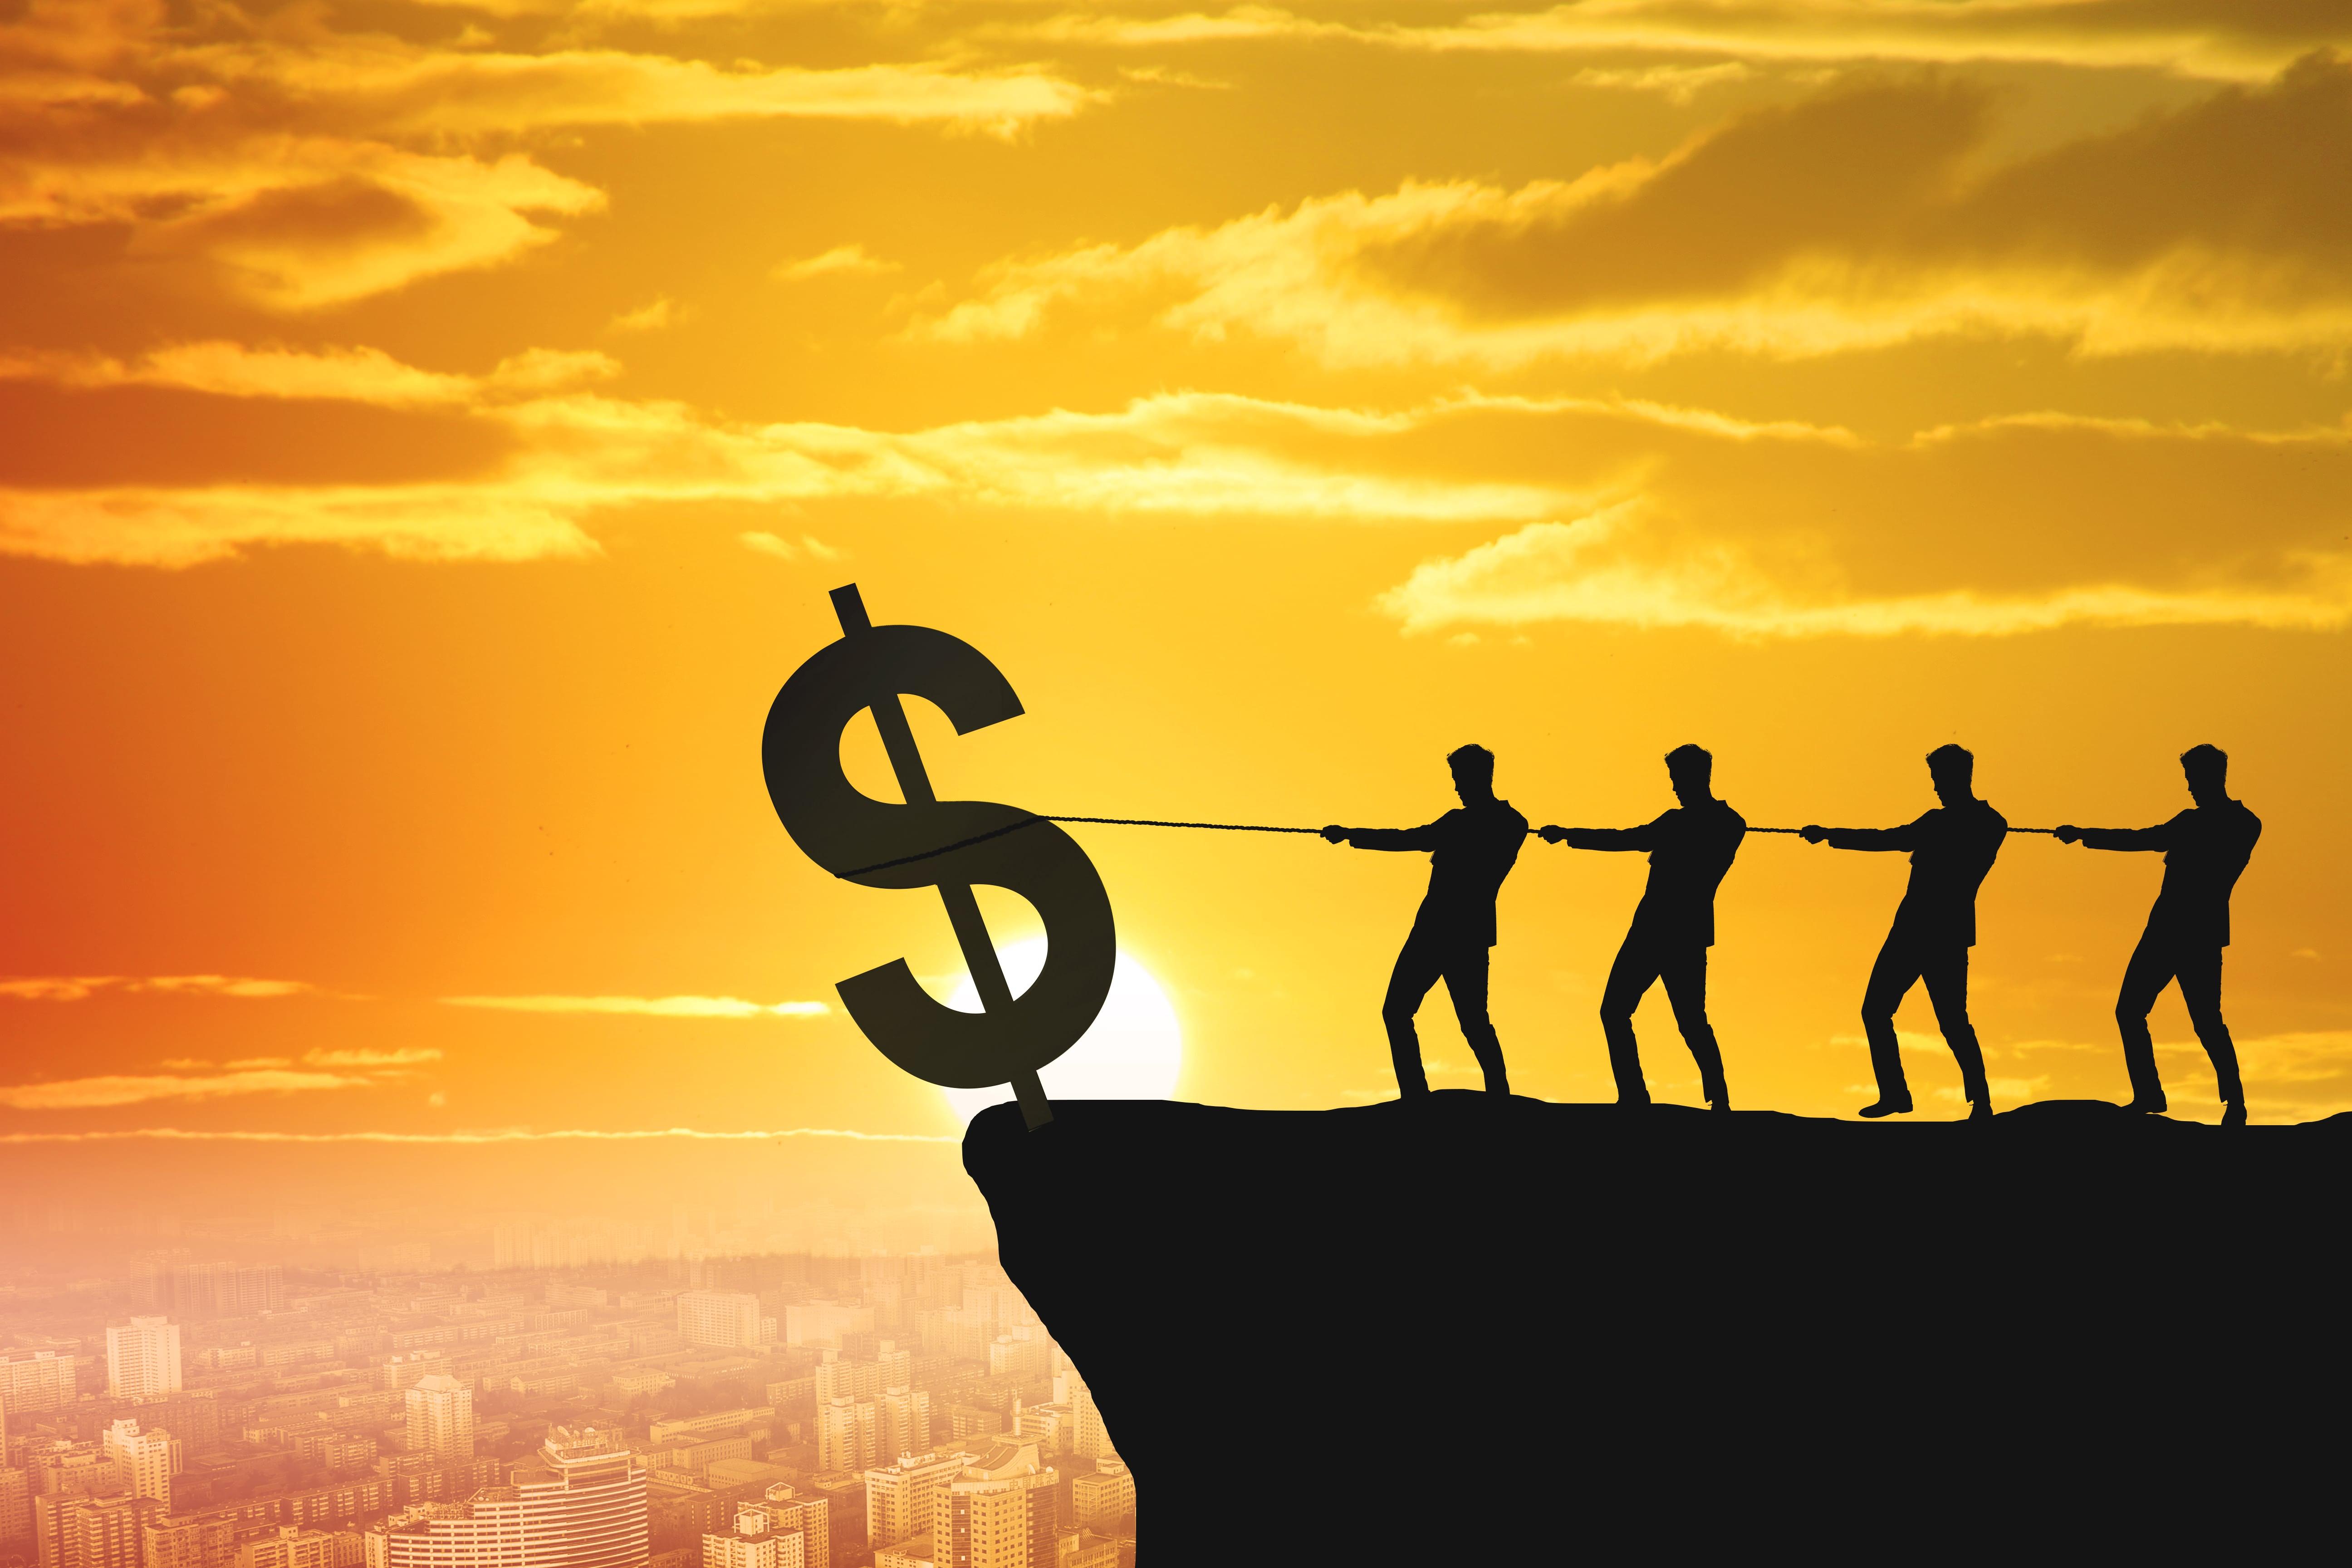 网贷逾期还完了能做担保吗?广银e贷怎么申请?